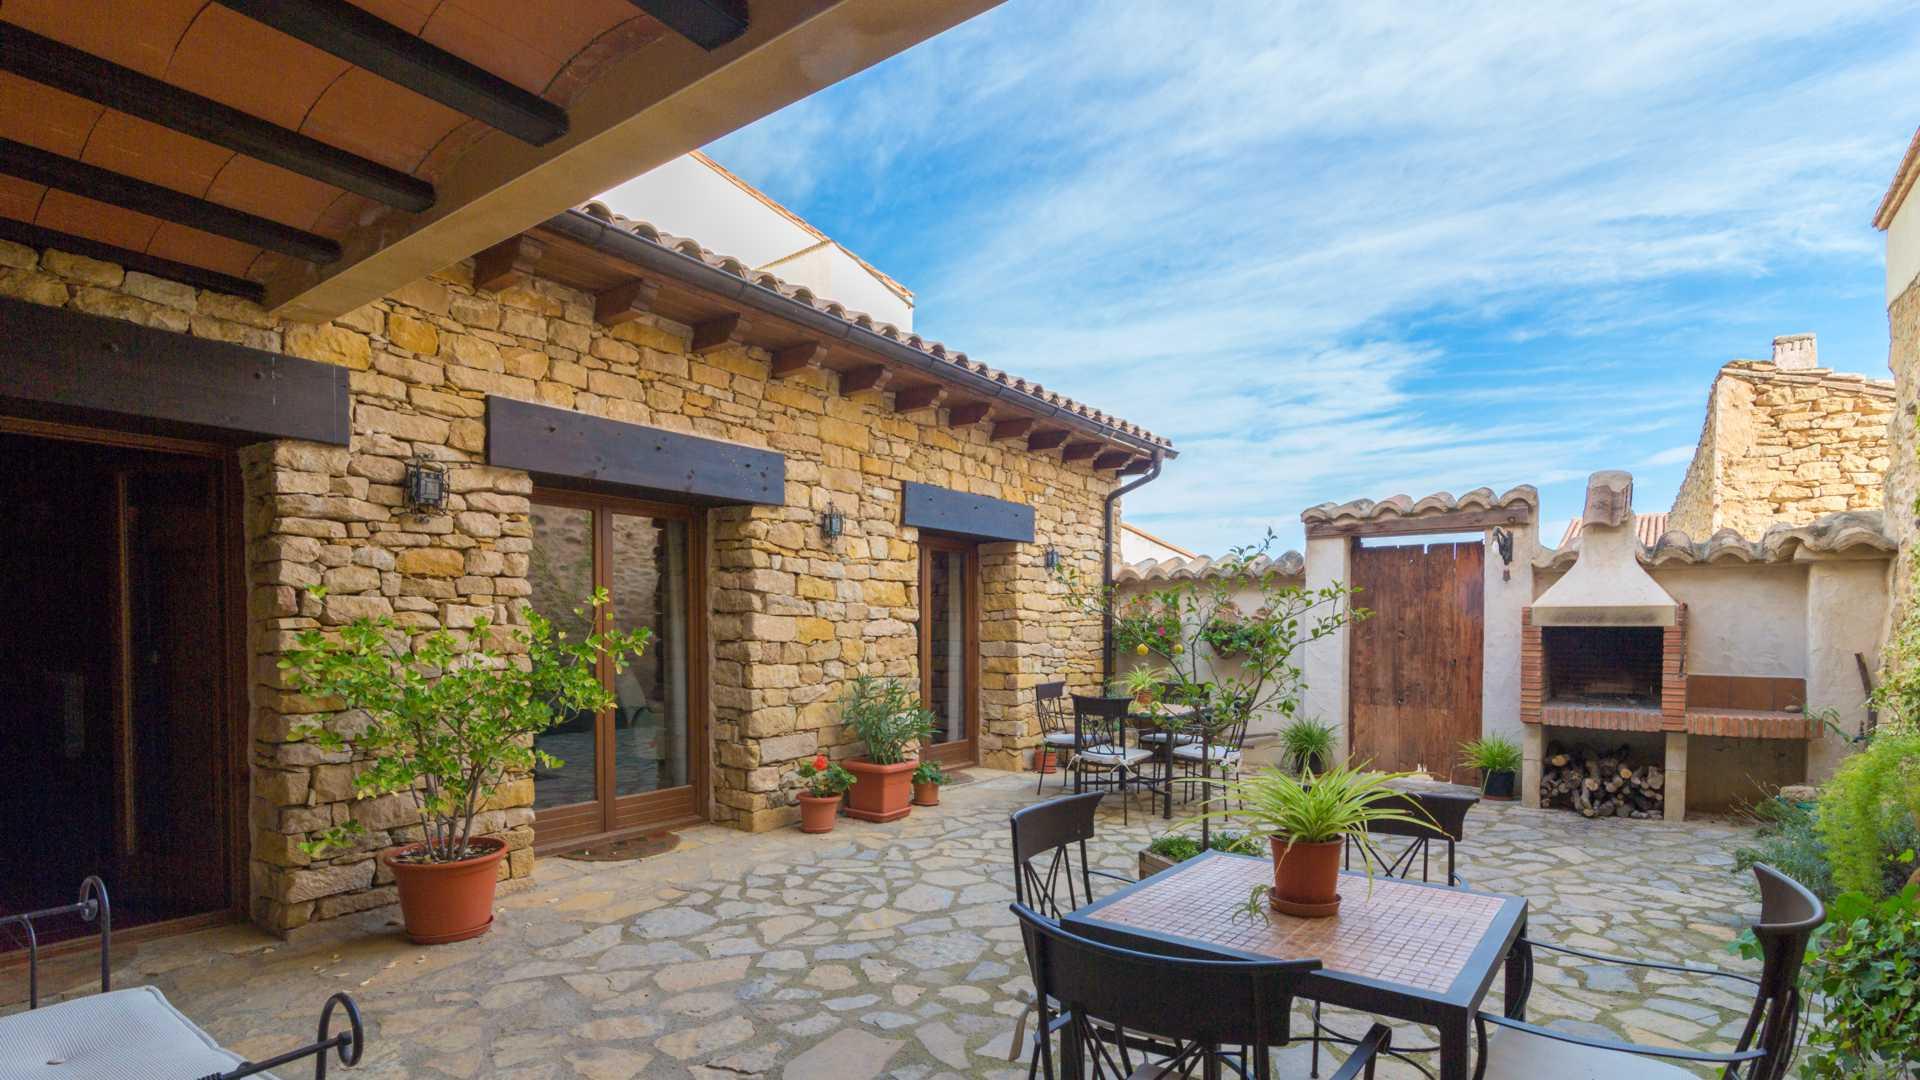 El jard n con barbacoa casa rural valero for Casa con jardin valencia